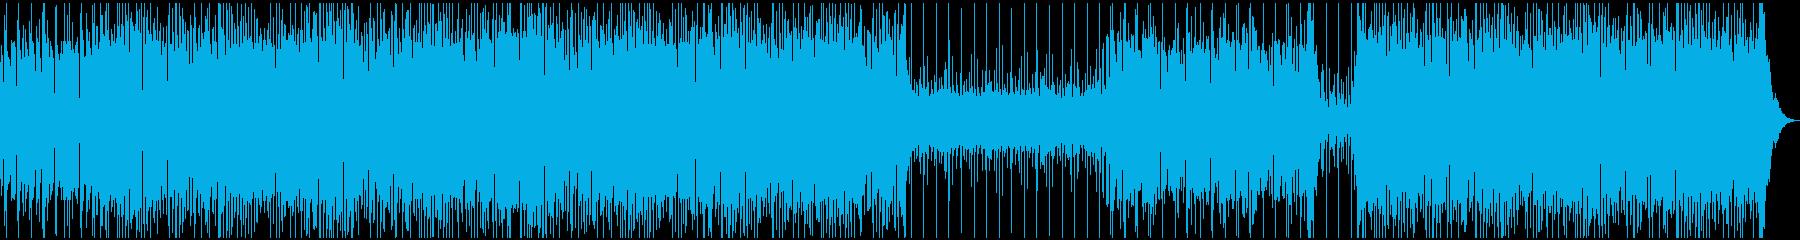 スムーズで瞑想的なサウンドトラック...の再生済みの波形